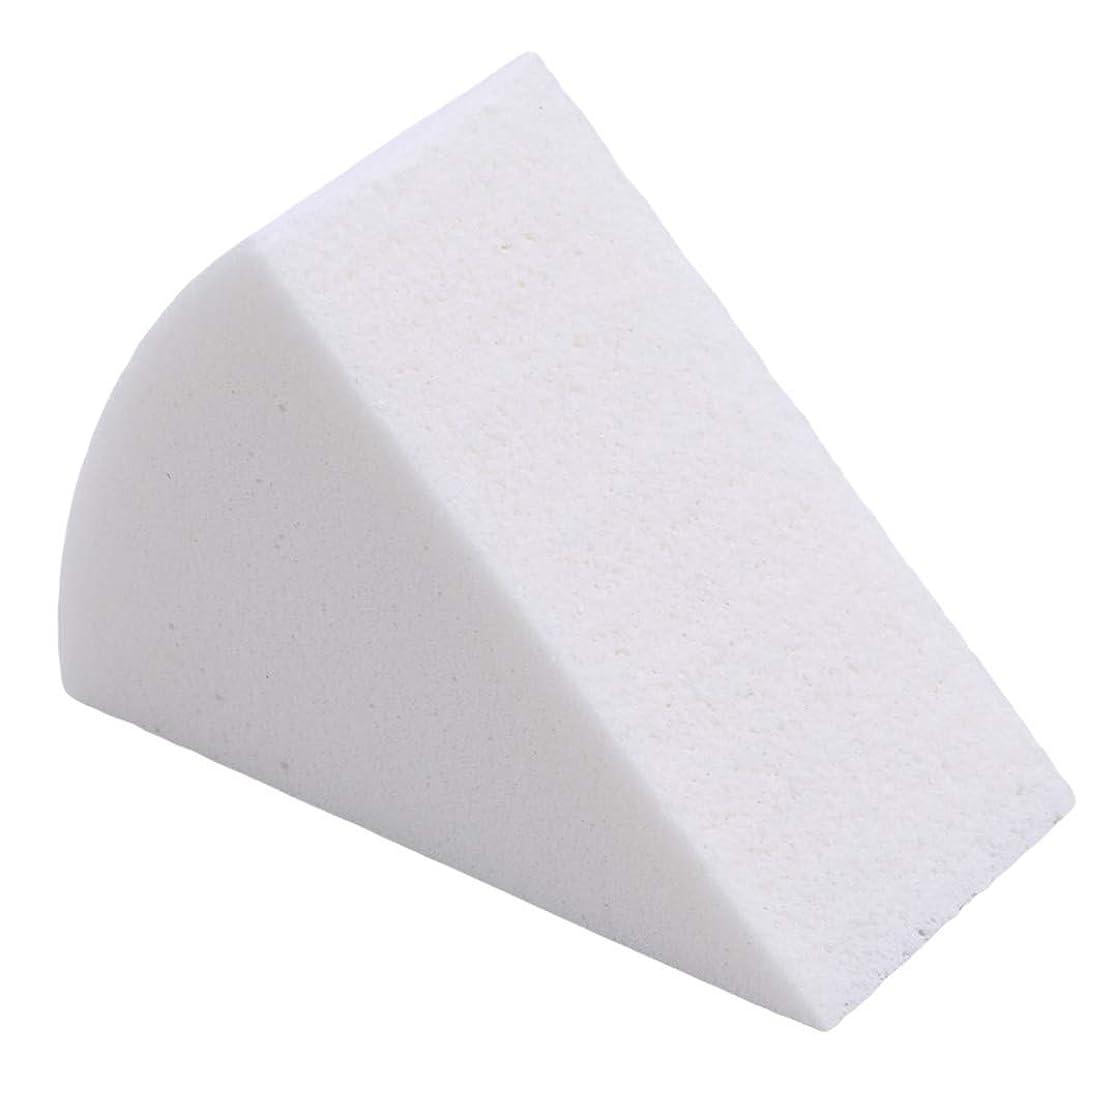 つまらない割り当てる銀Underleaf 8ピース/セット三角形状フェイスパフキャンディーカラーソフトマジッククリーニングパッド化粧品クレンジングスポンジウォッシュフェイスメイクアップツール、カラー1